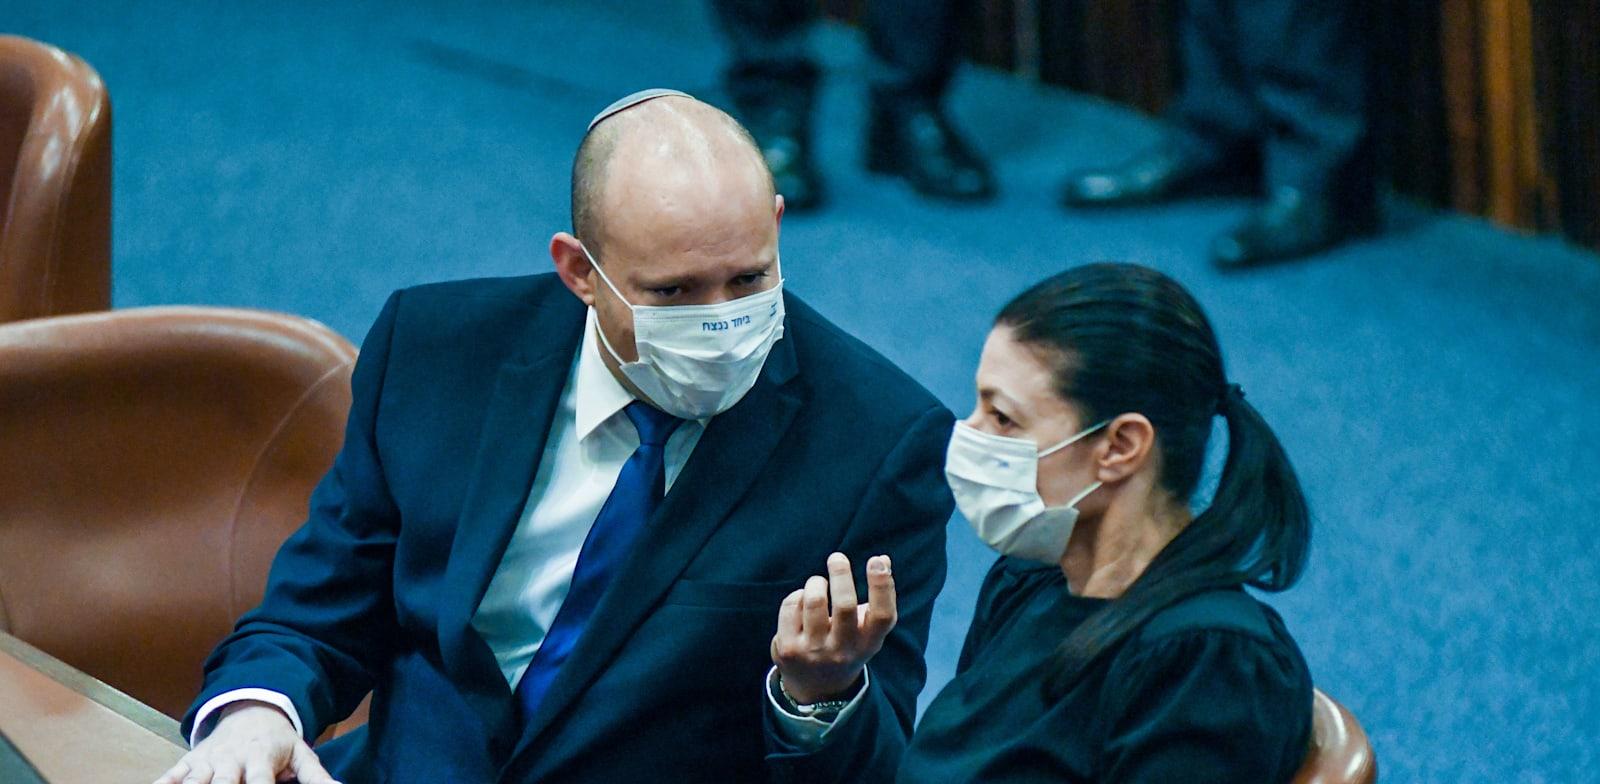 """יו""""ר העבודה מרב מיכאלי וראש הממשלה המיועד נפתלי בנט / צילום: רפי קוץ"""